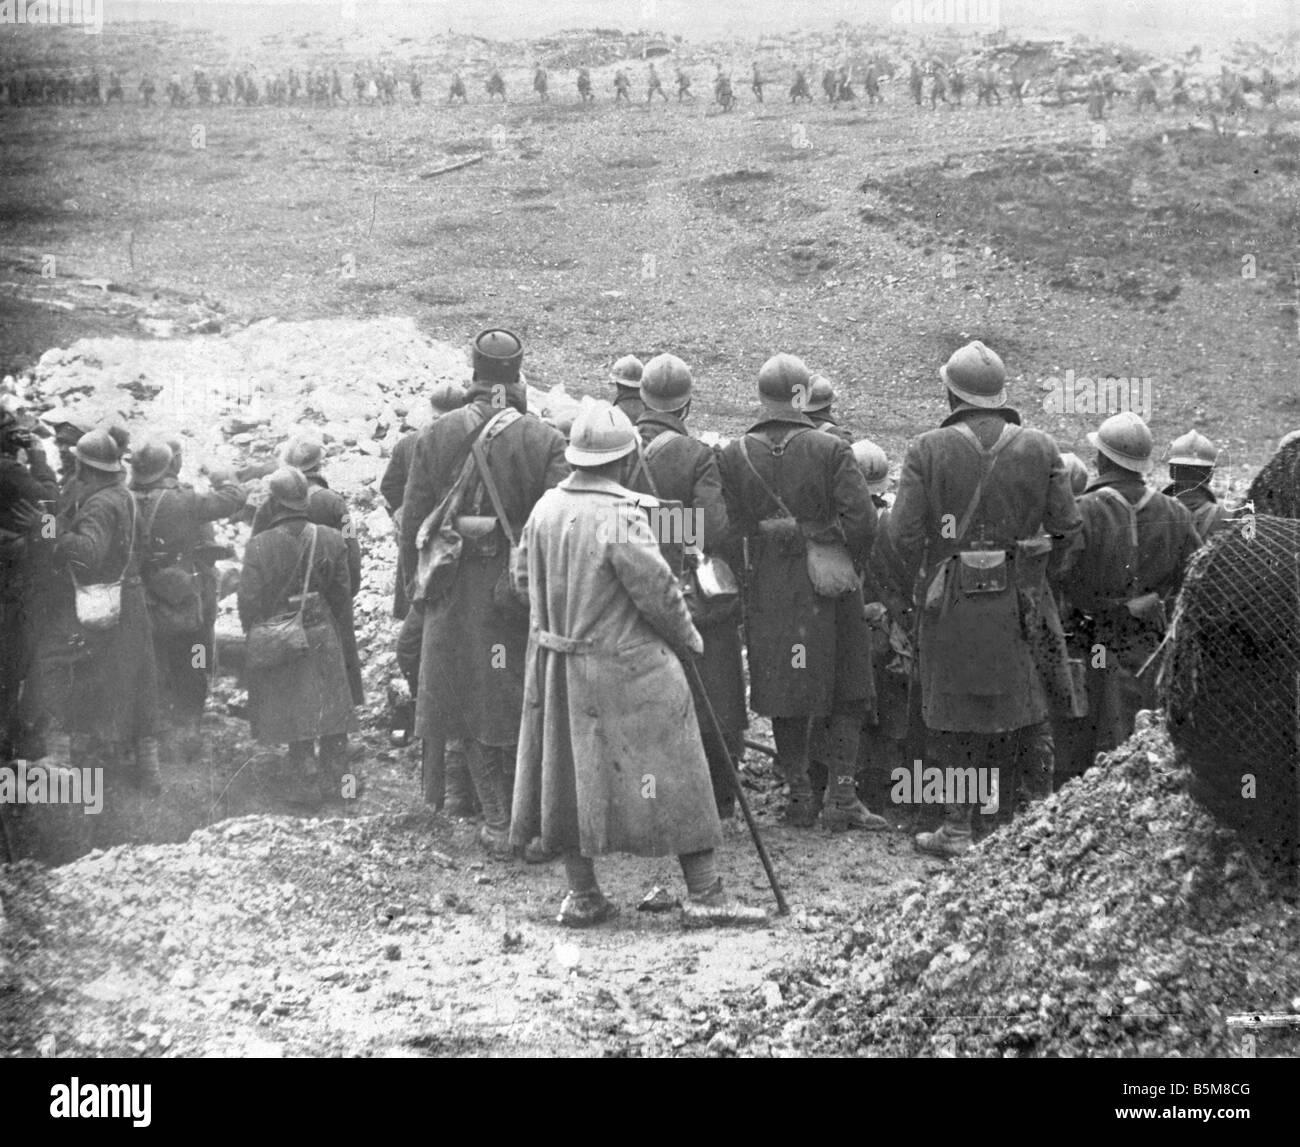 2 G55 F1 1916 19 WWI senegalesi truppe ausiliari storia WWI Francia battaglia per la fortezza di serbatoio Thiaumont Immagini Stock